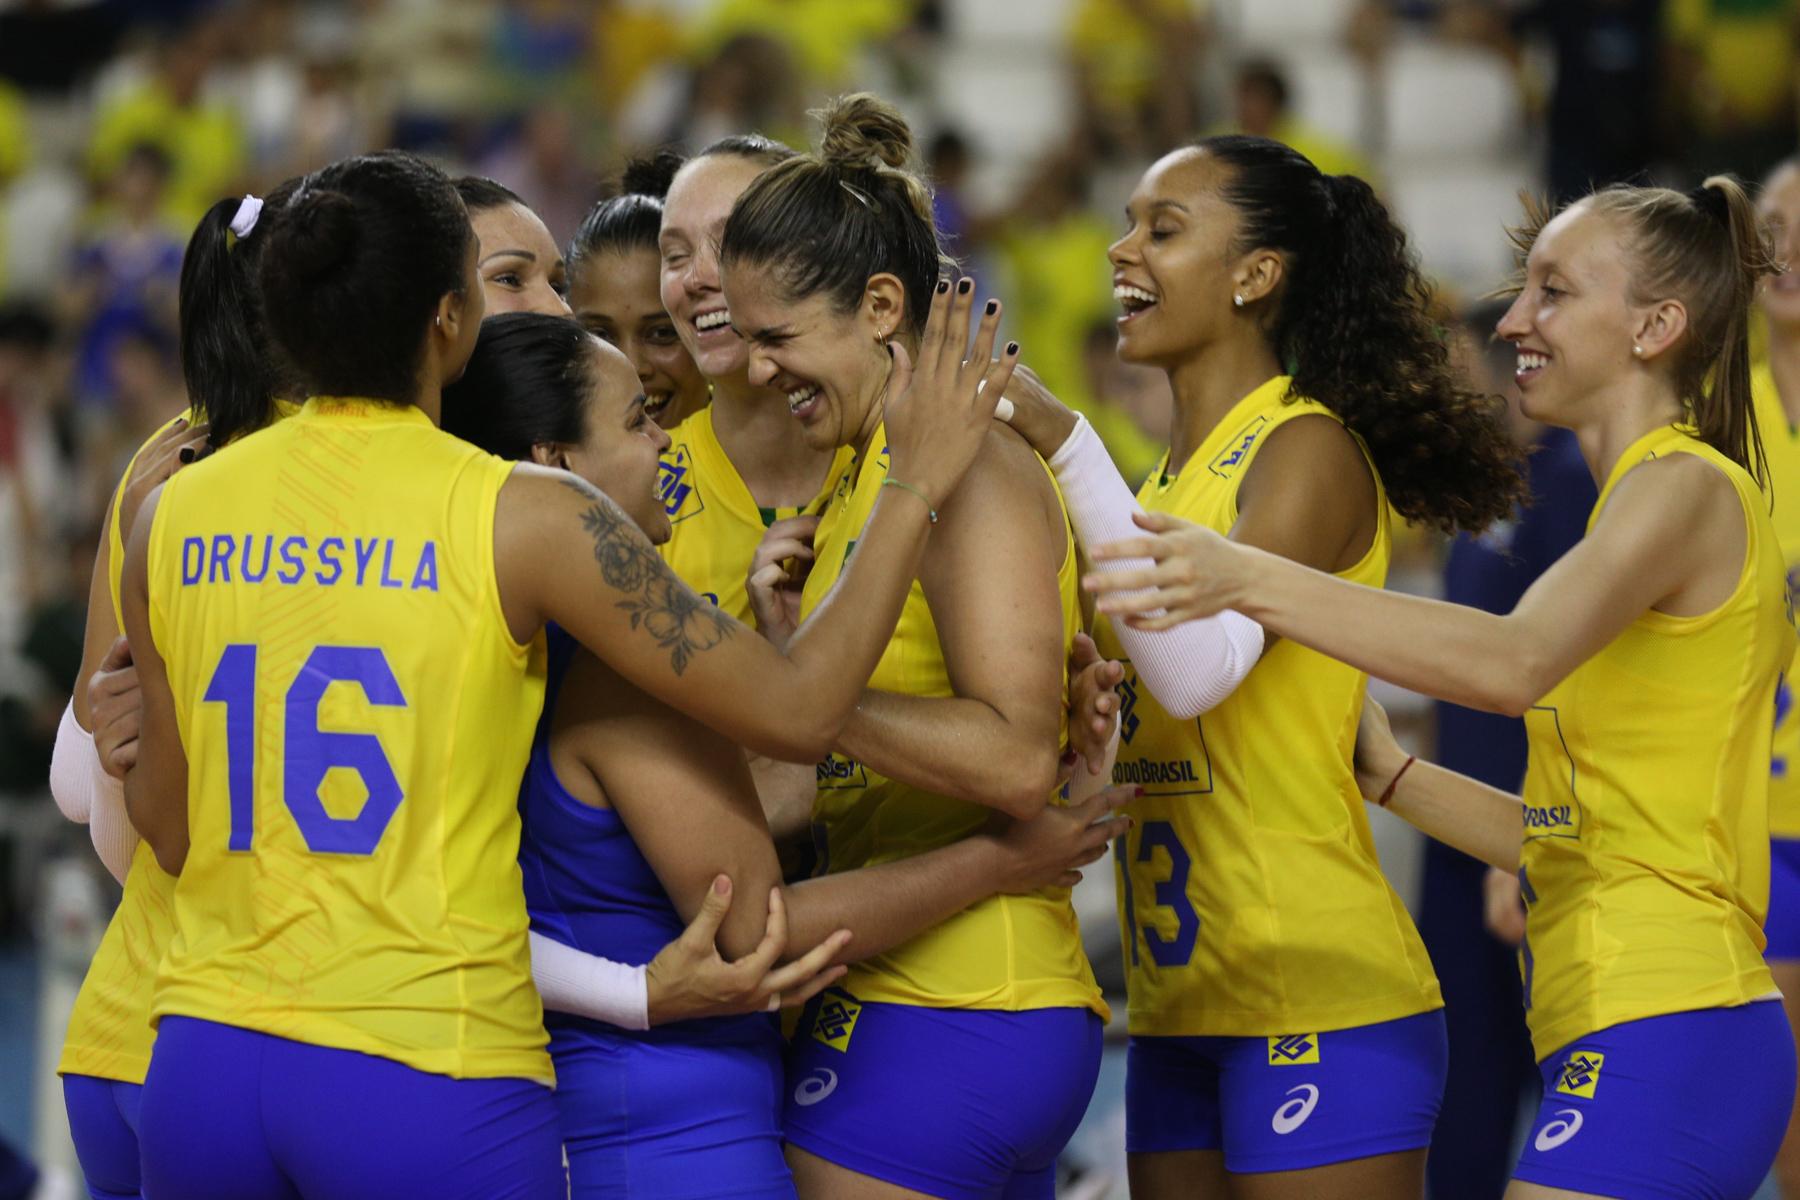 Brasil comemora vitória contra República Dominicana (Créditos  Michael  Dantas MPIX CBV). A seleção brasileira feminina ... c268ce2707994